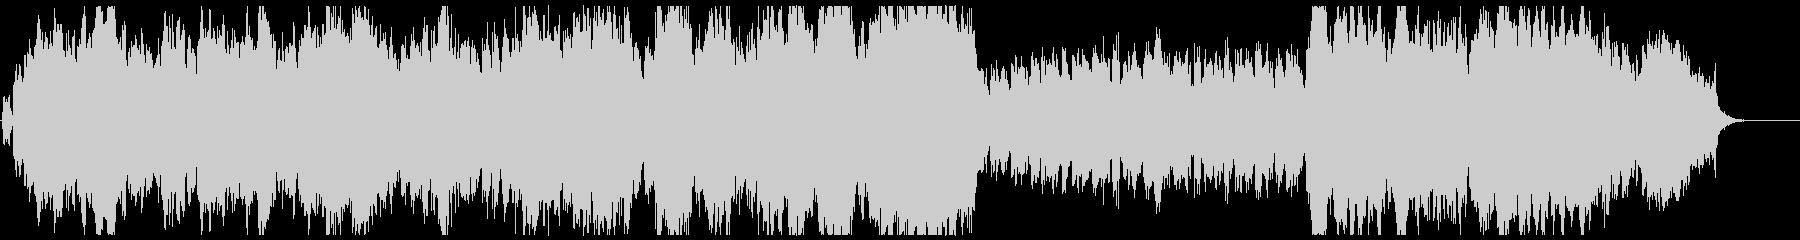 シンプルで荘厳な管弦楽曲の未再生の波形